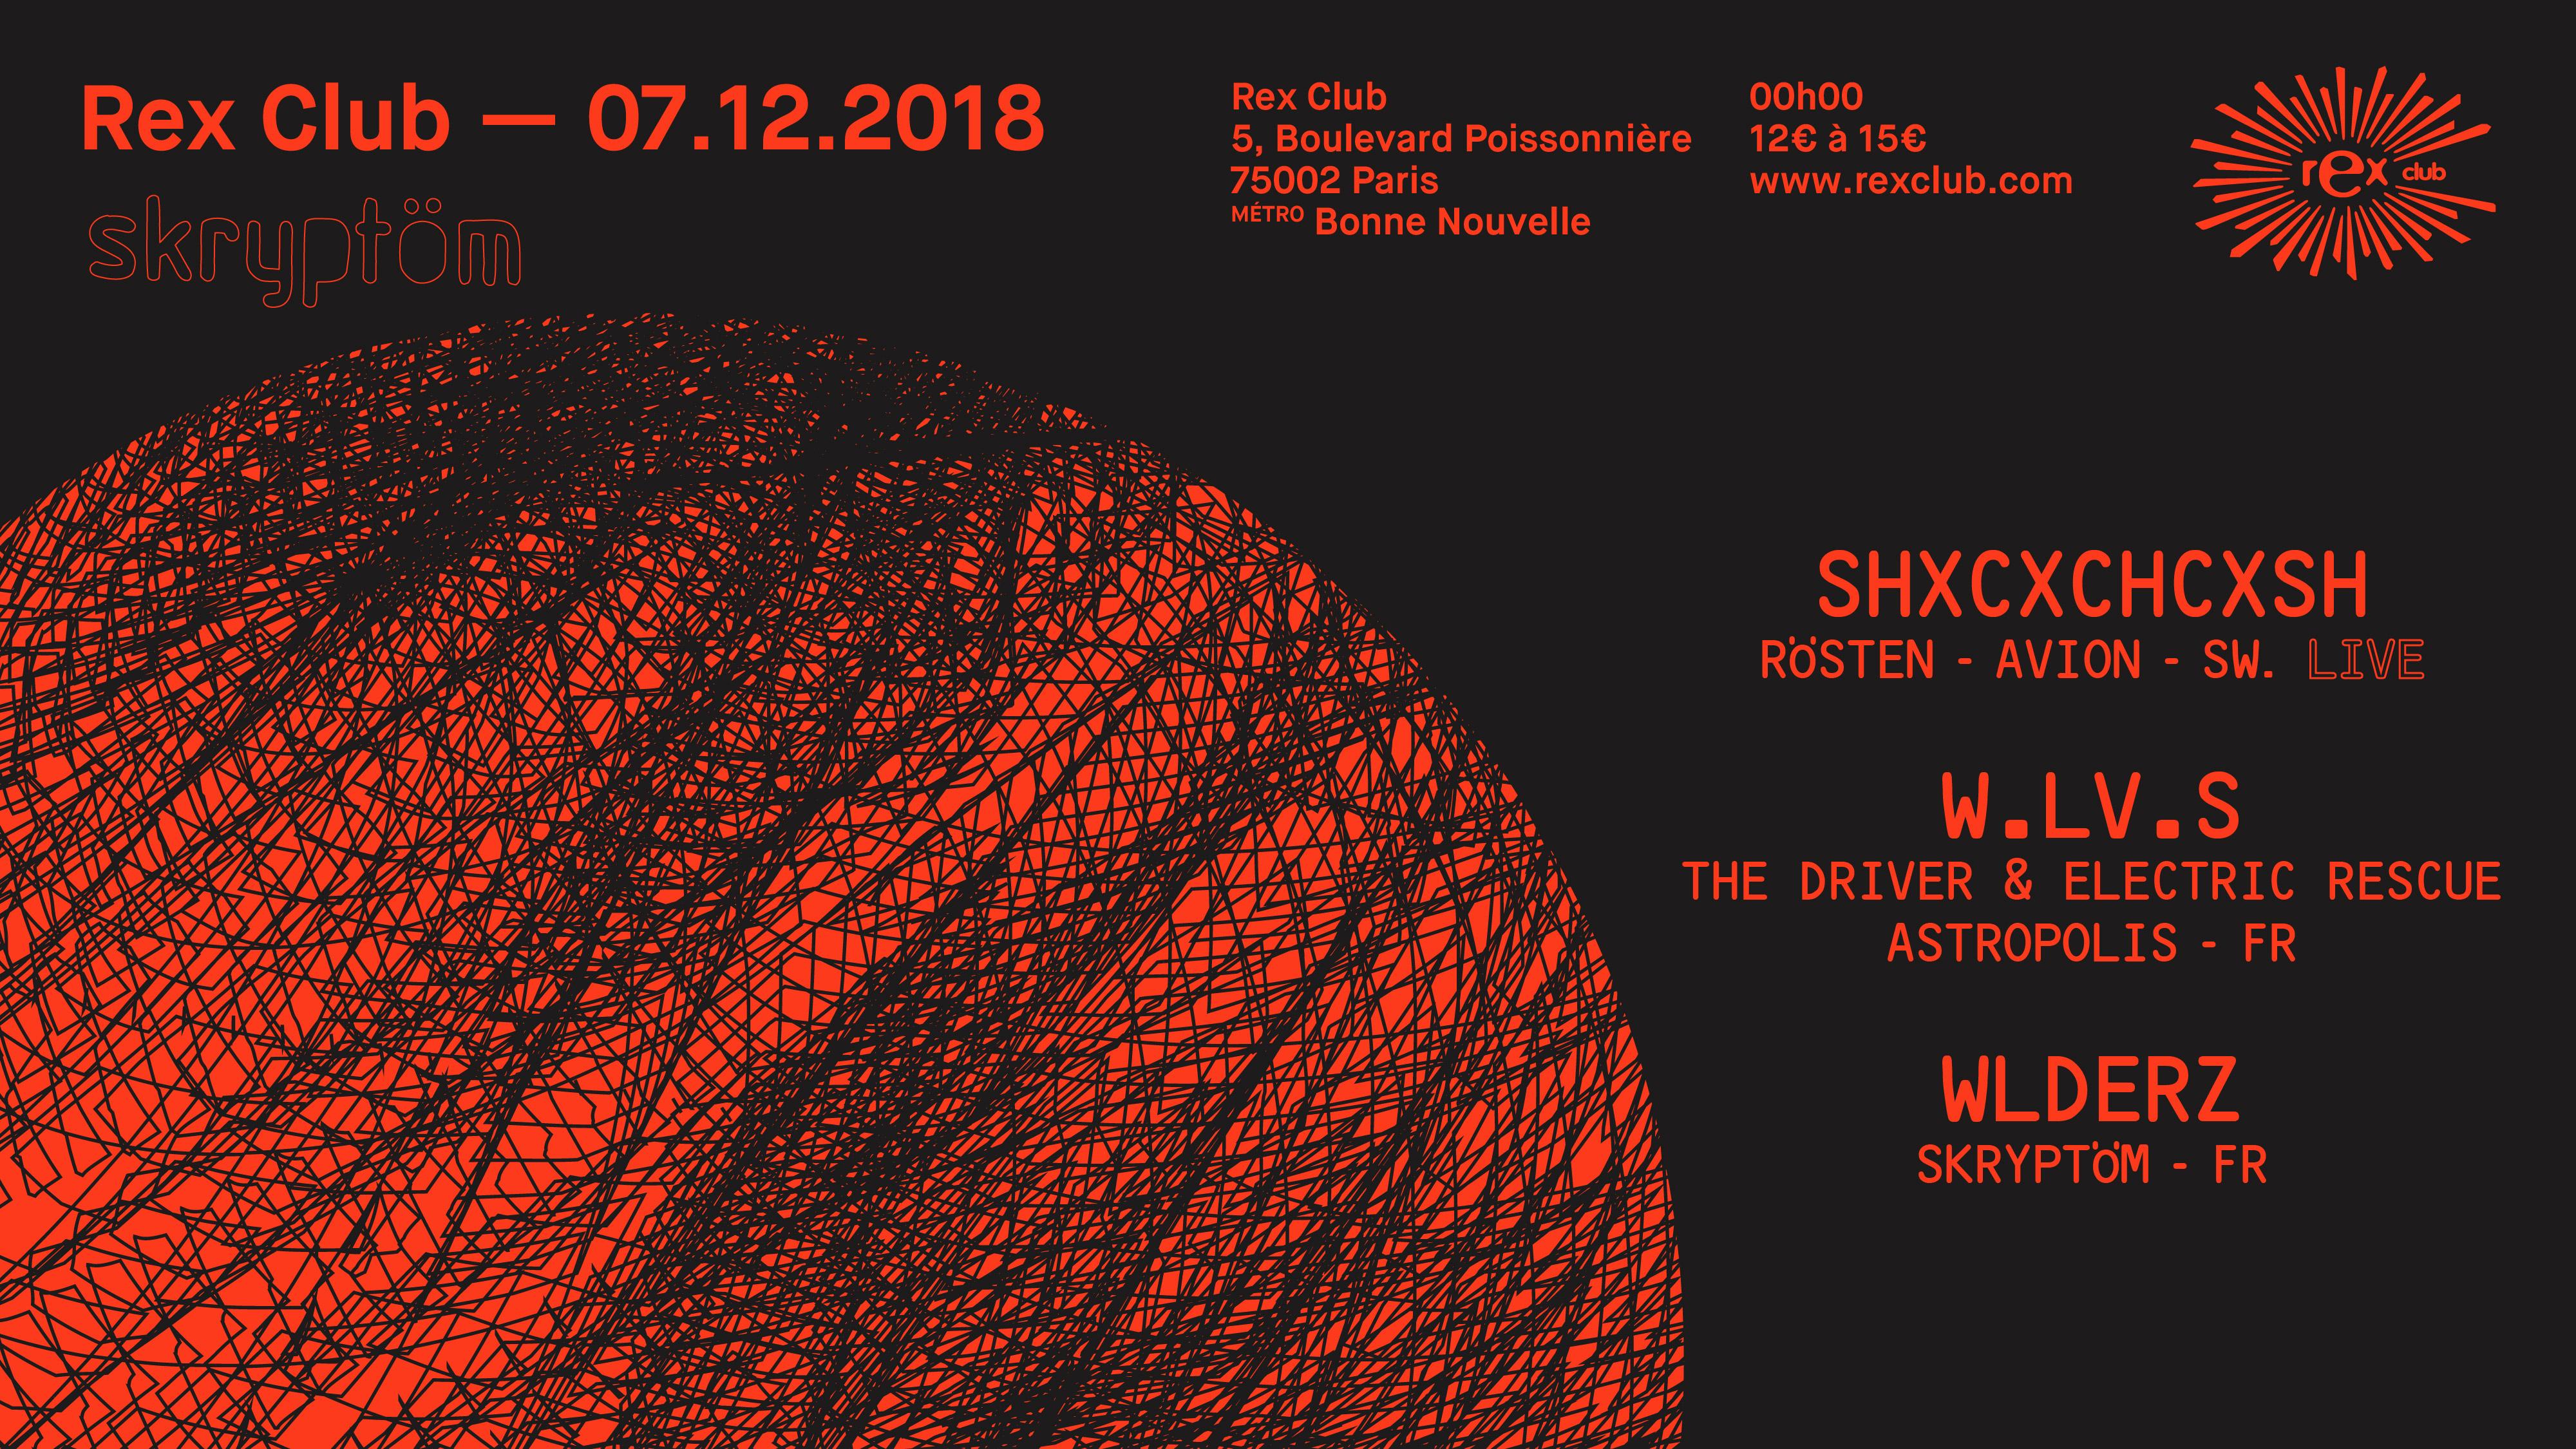 Skryptom: Shxcxchcxsh Live, W.LV.S, Wlderz